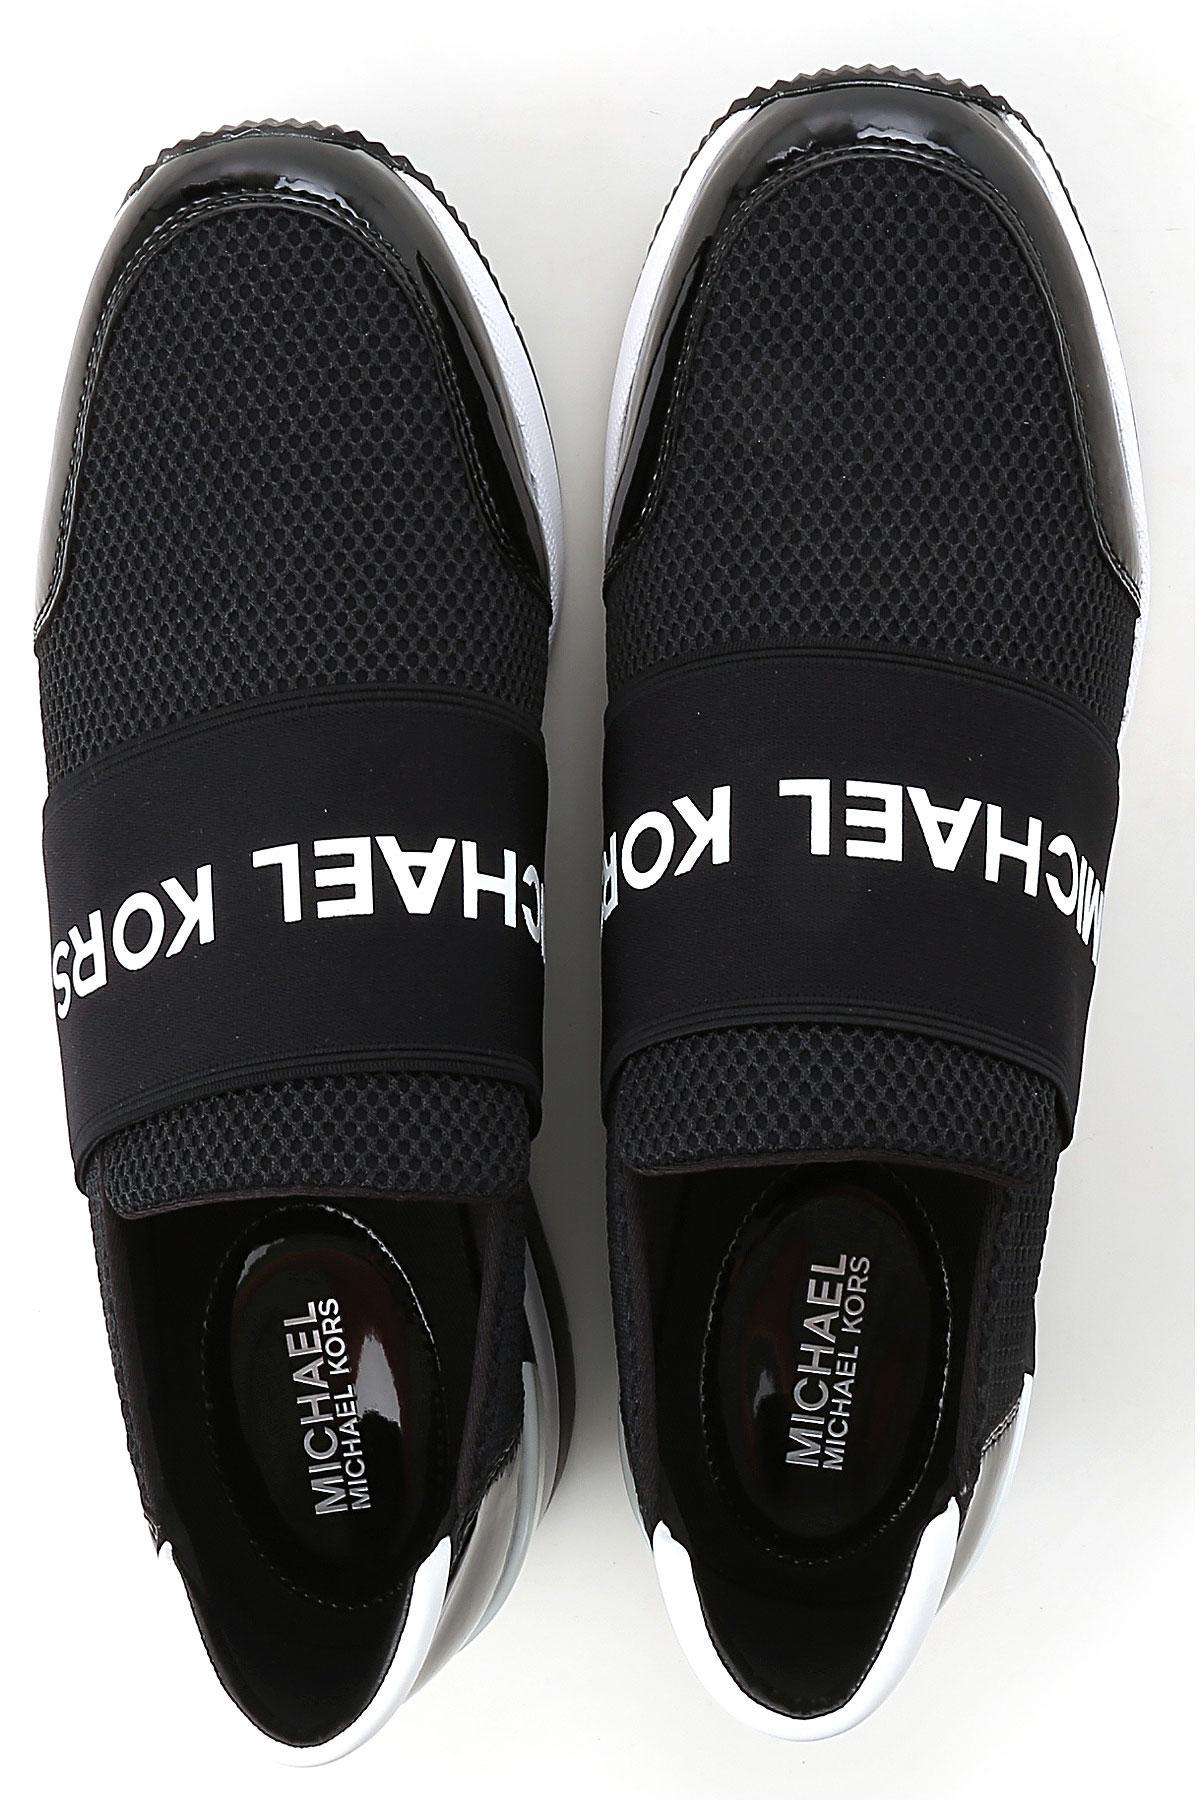 c8fef2bdcca Lyst - Sneaker Femme Pas cher en Soldes Michael Kors en coloris Noir